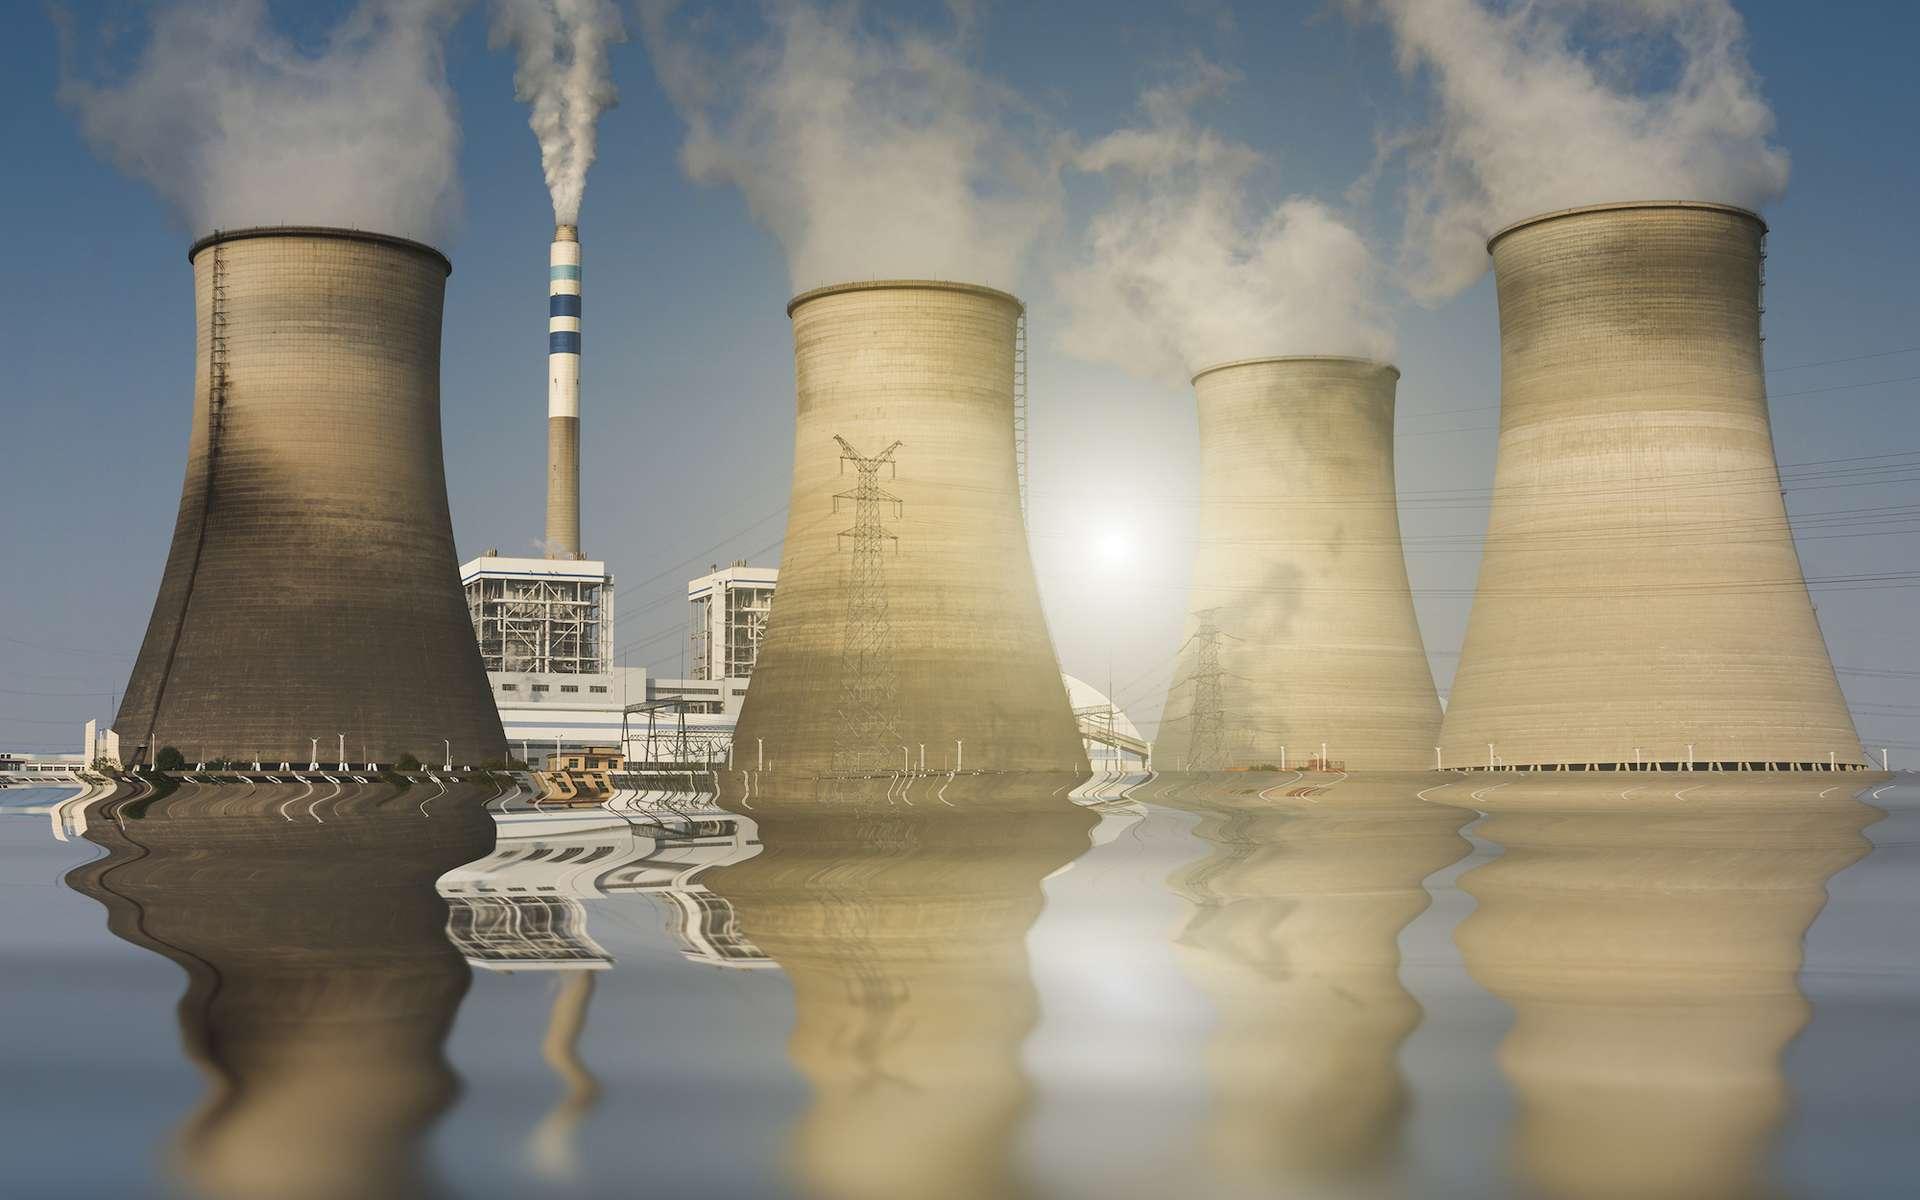 Dans le nucléaire civil, les matériaux sont d'une importance cruciale. Leur tenue sous irradiation, entre autres, détermine la durée de vie des réacteurs et conditionne leur sûreté et leurs performances. Elle pourrait être améliorée grâce à des nanotubes de carbone. © hxdyl, Shutterstock